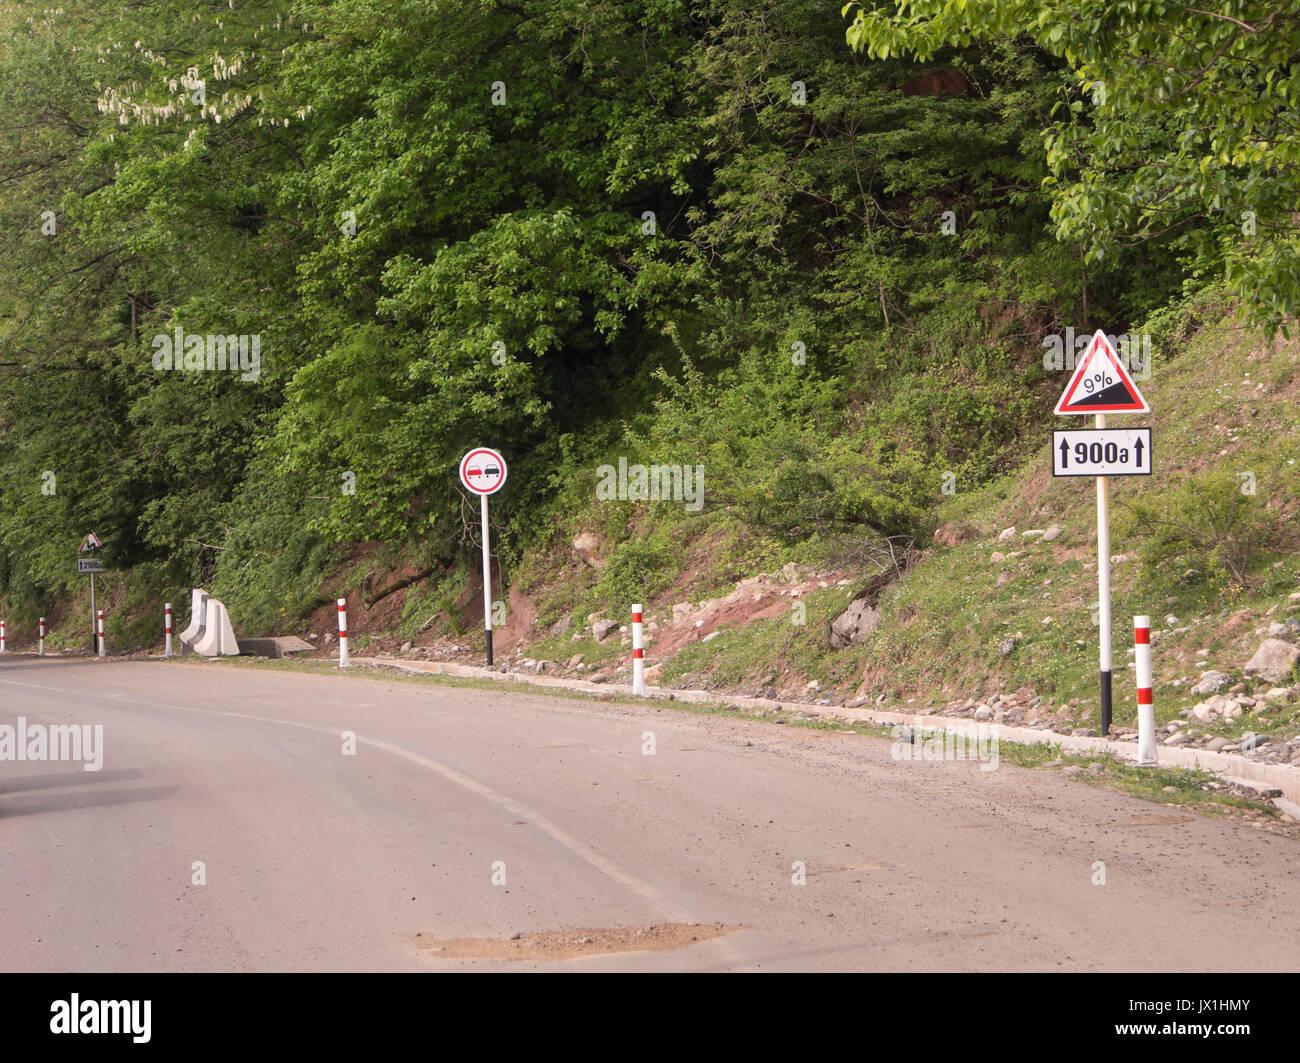 Sightseeing in Georgien ist eine Herausforderung für Fahrer, Verkehrsschilder Warnung für 9% steilen Rückgang in der Nähe der Gelati Monastery Stockbild